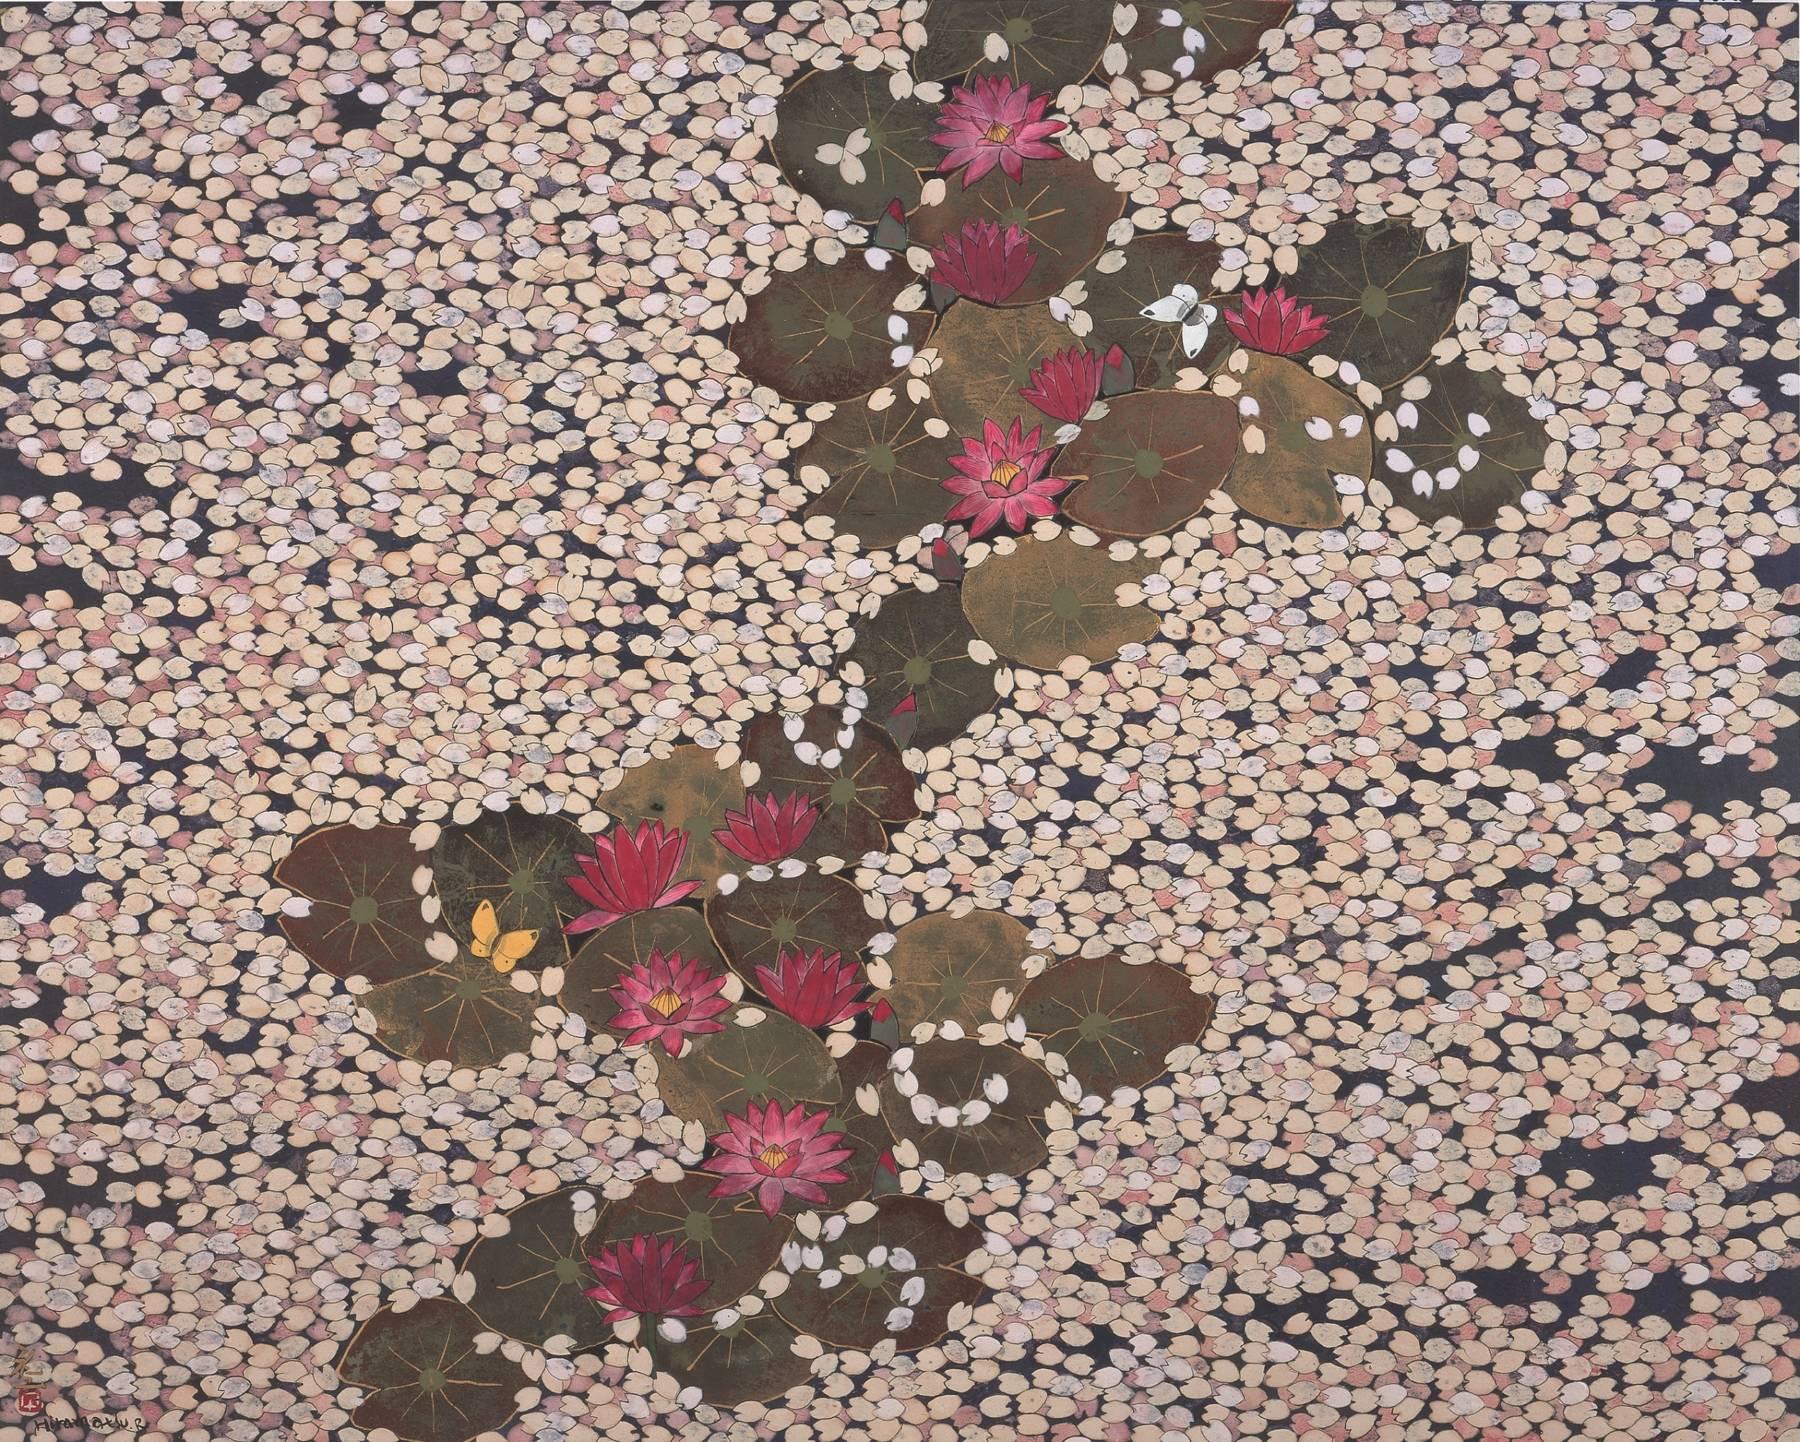 Hiramatsu Reiji, Cerisiers et nymphéas